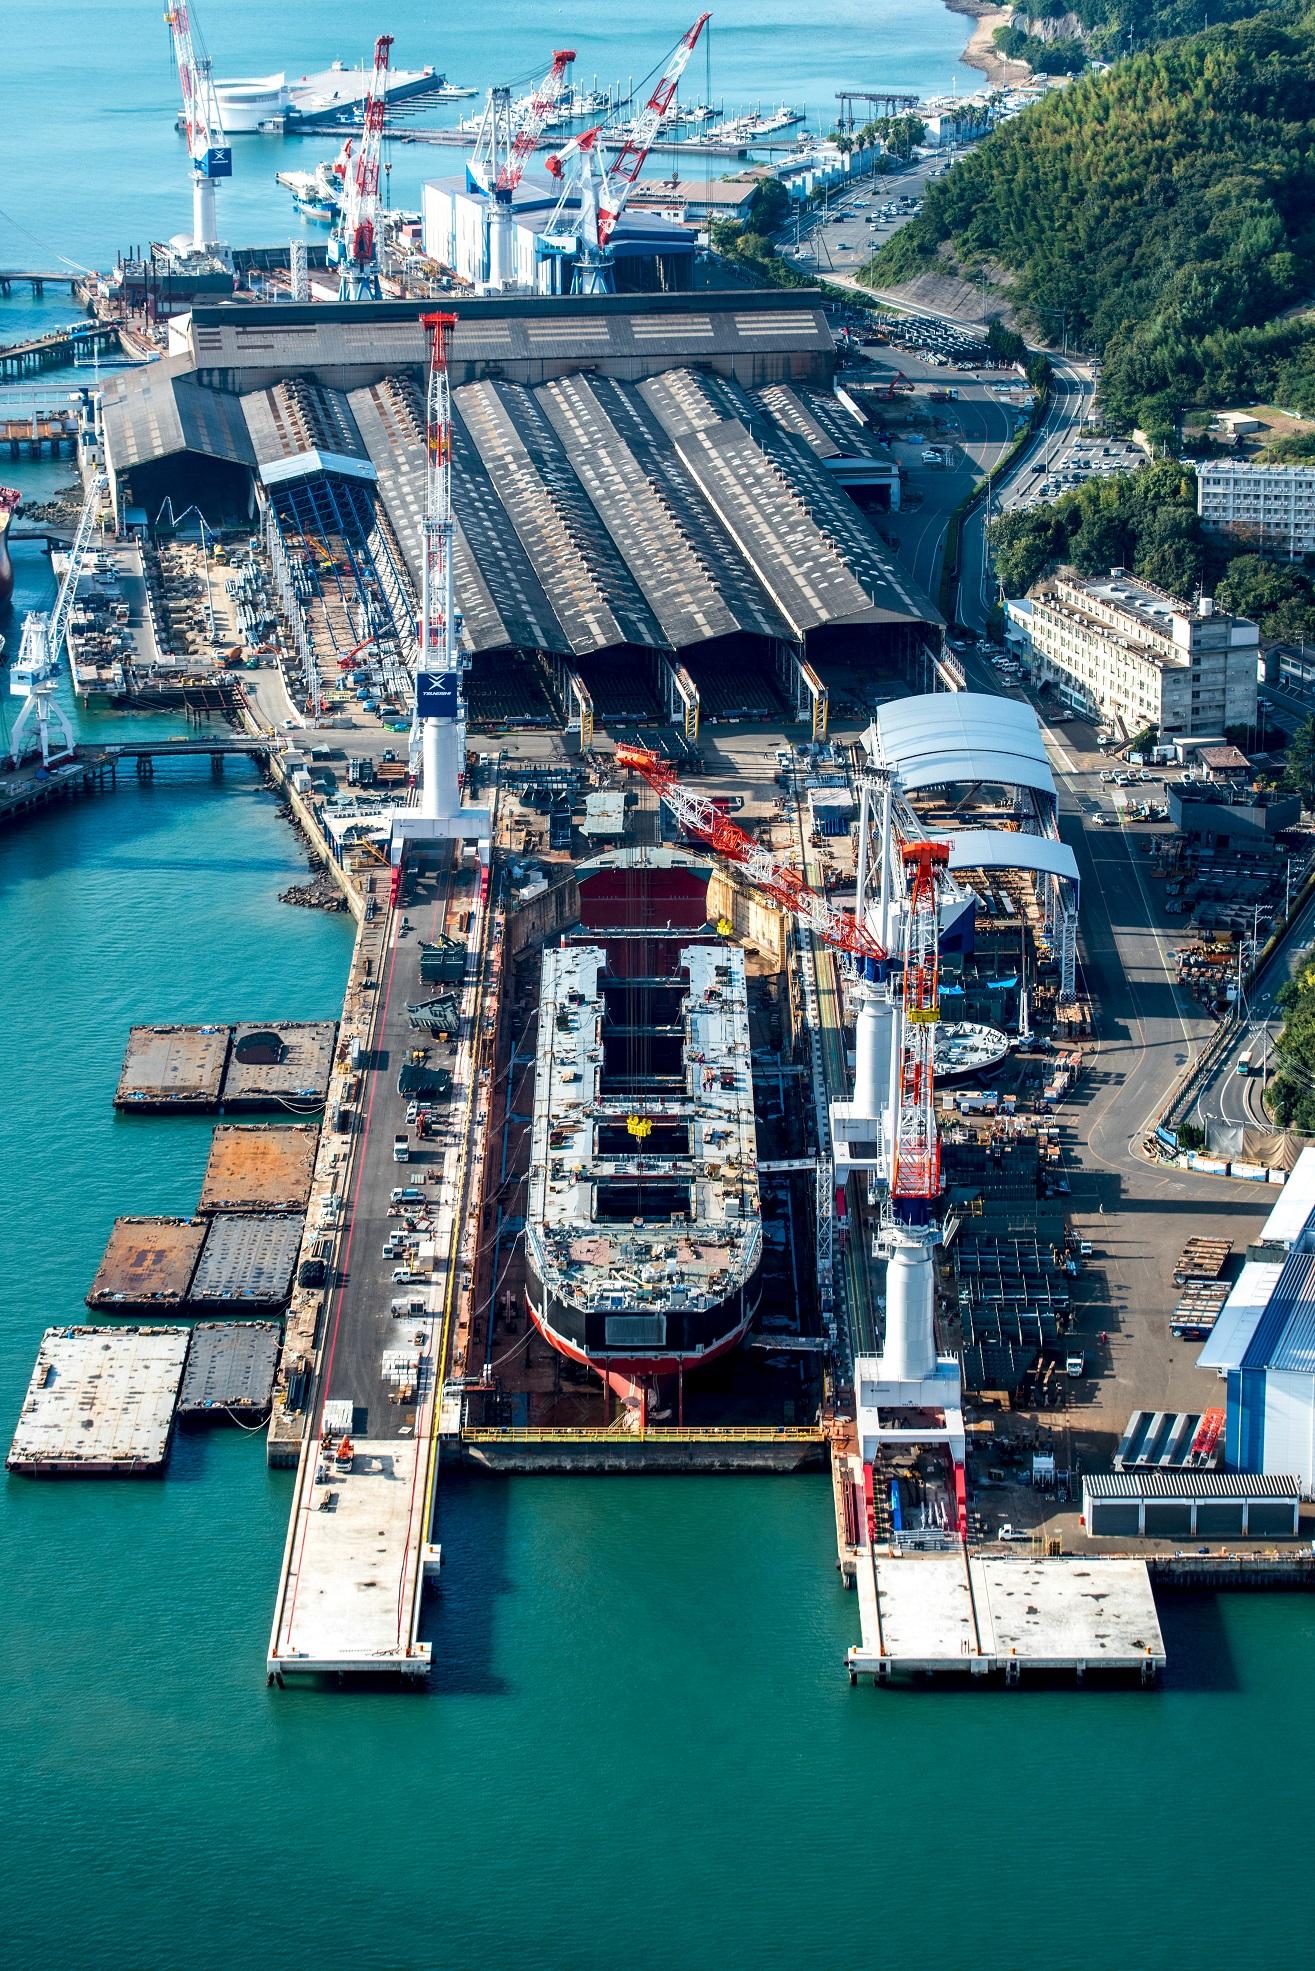 【常石造船株式会社】マイナビ2019でのエントリー受付を開始しました